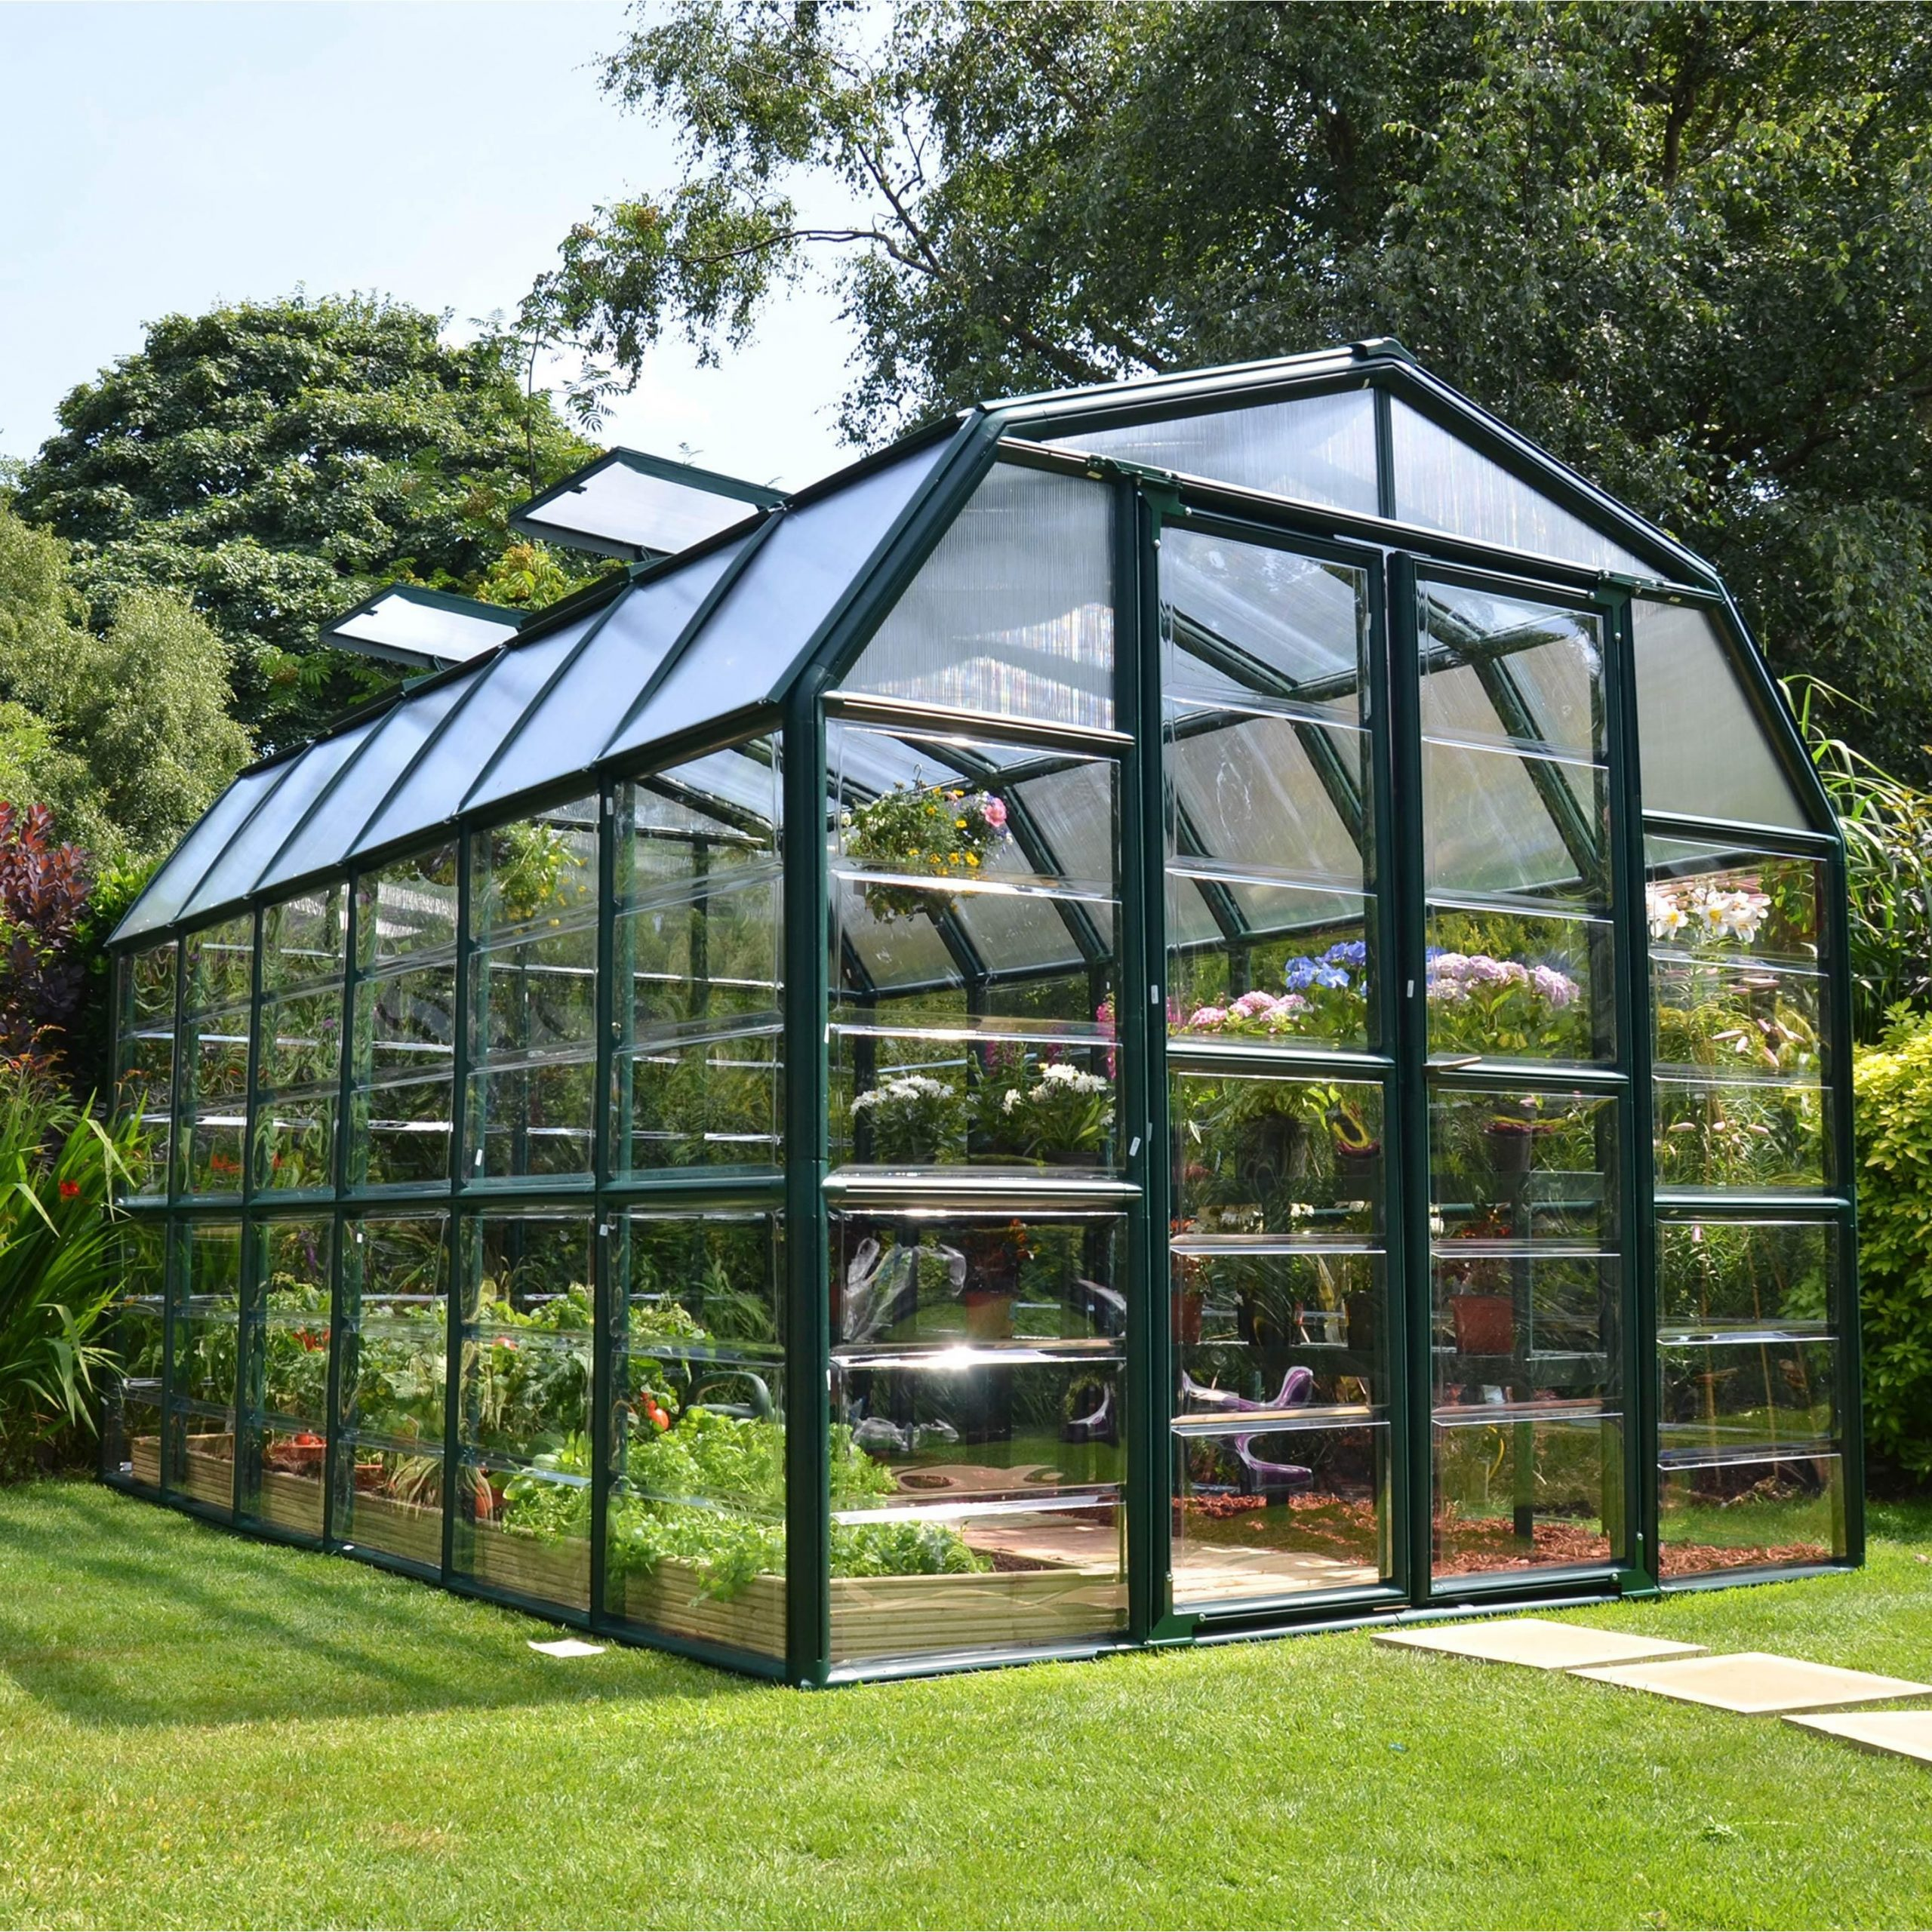 Serre De Jardin Grand Gardener 10 M², Aluminium Et ... serapportantà Leroy Merlin Serre De Jardin